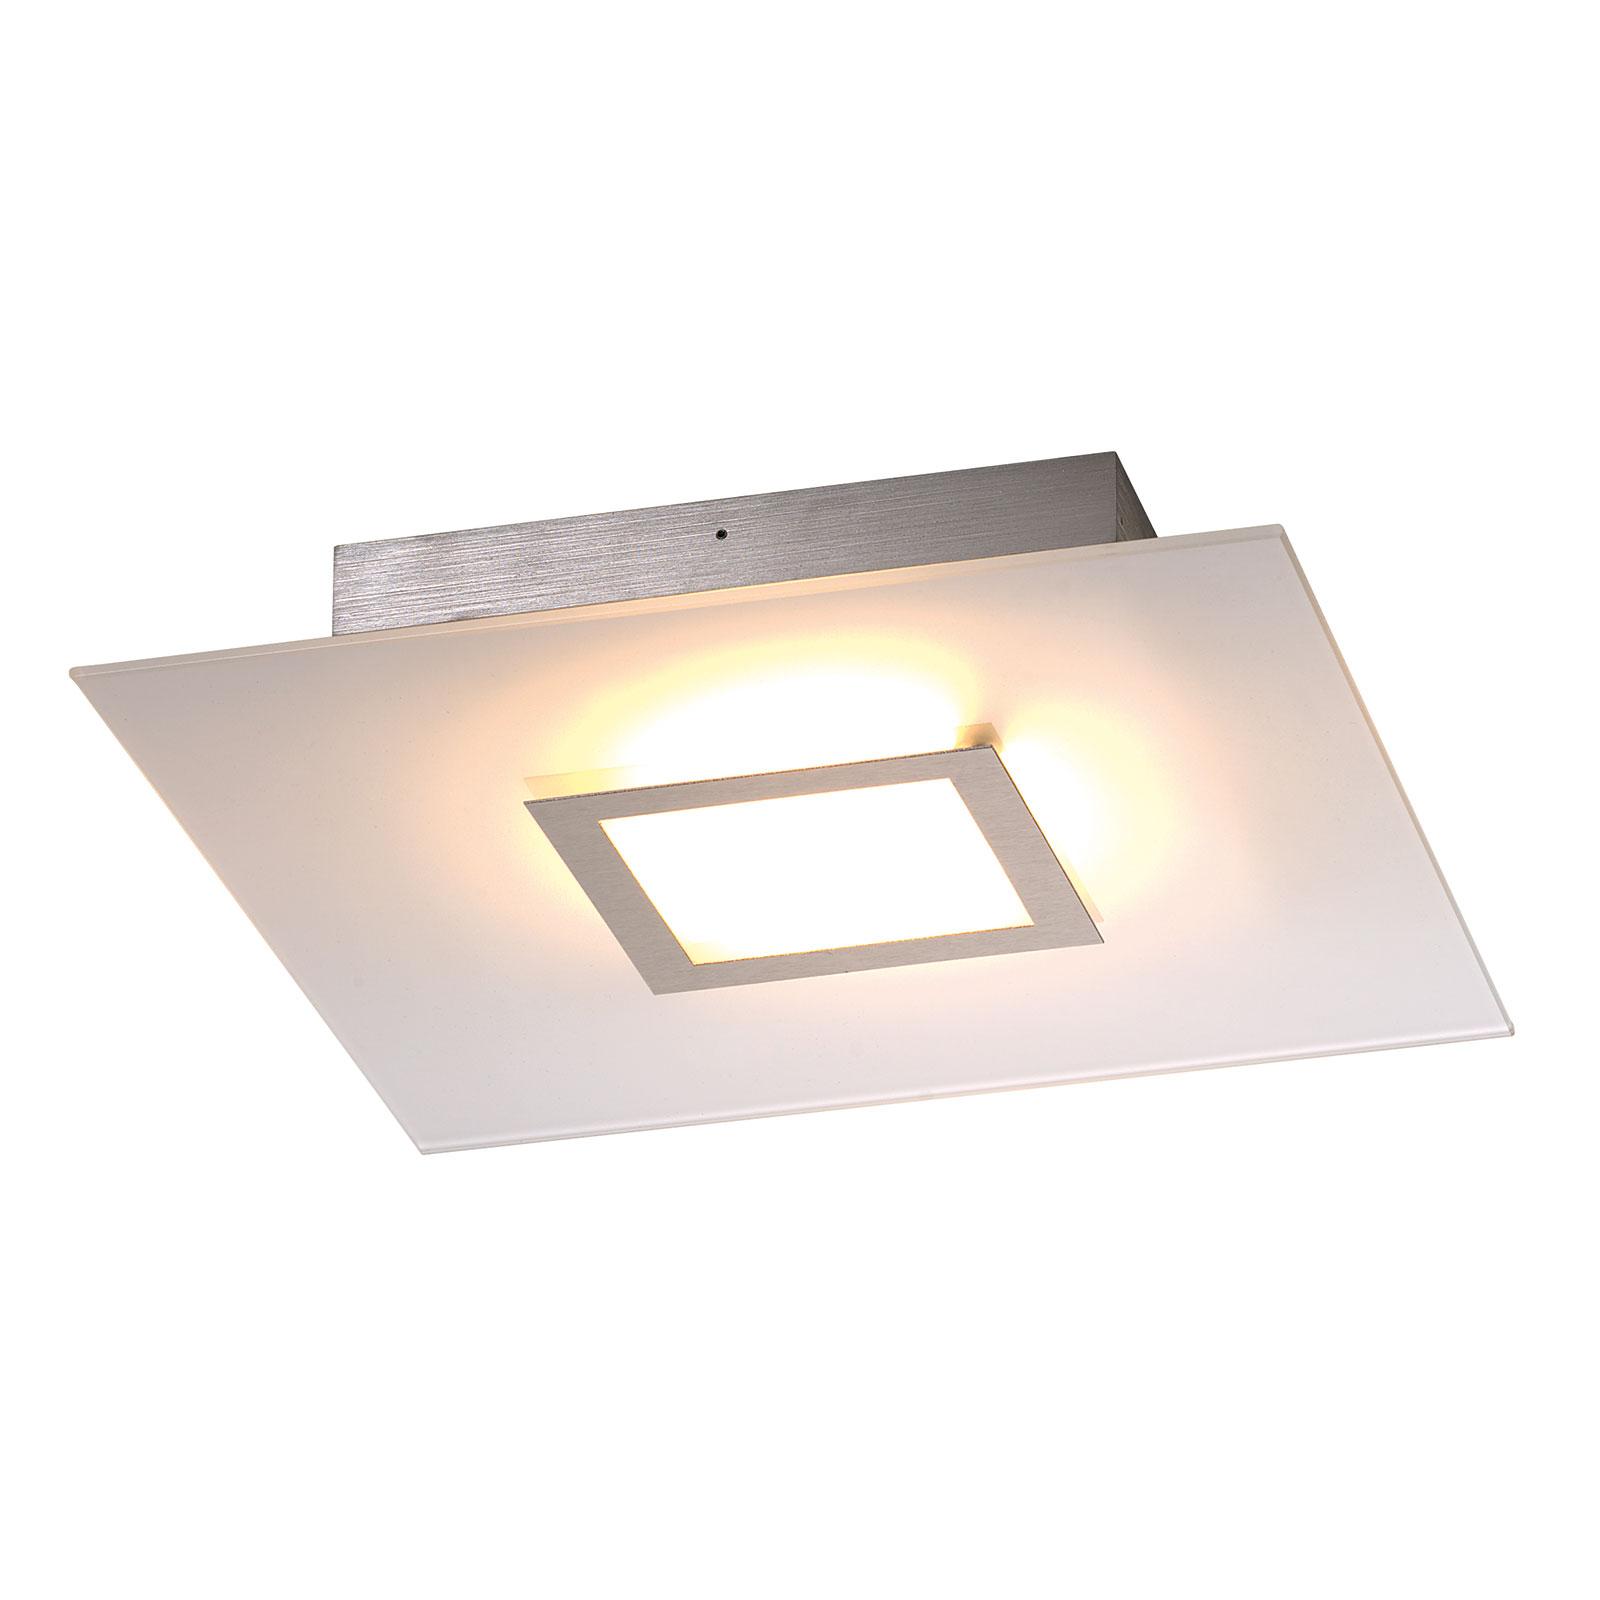 Flat - kwadratowa lampa sufitowa LED, ściemniana